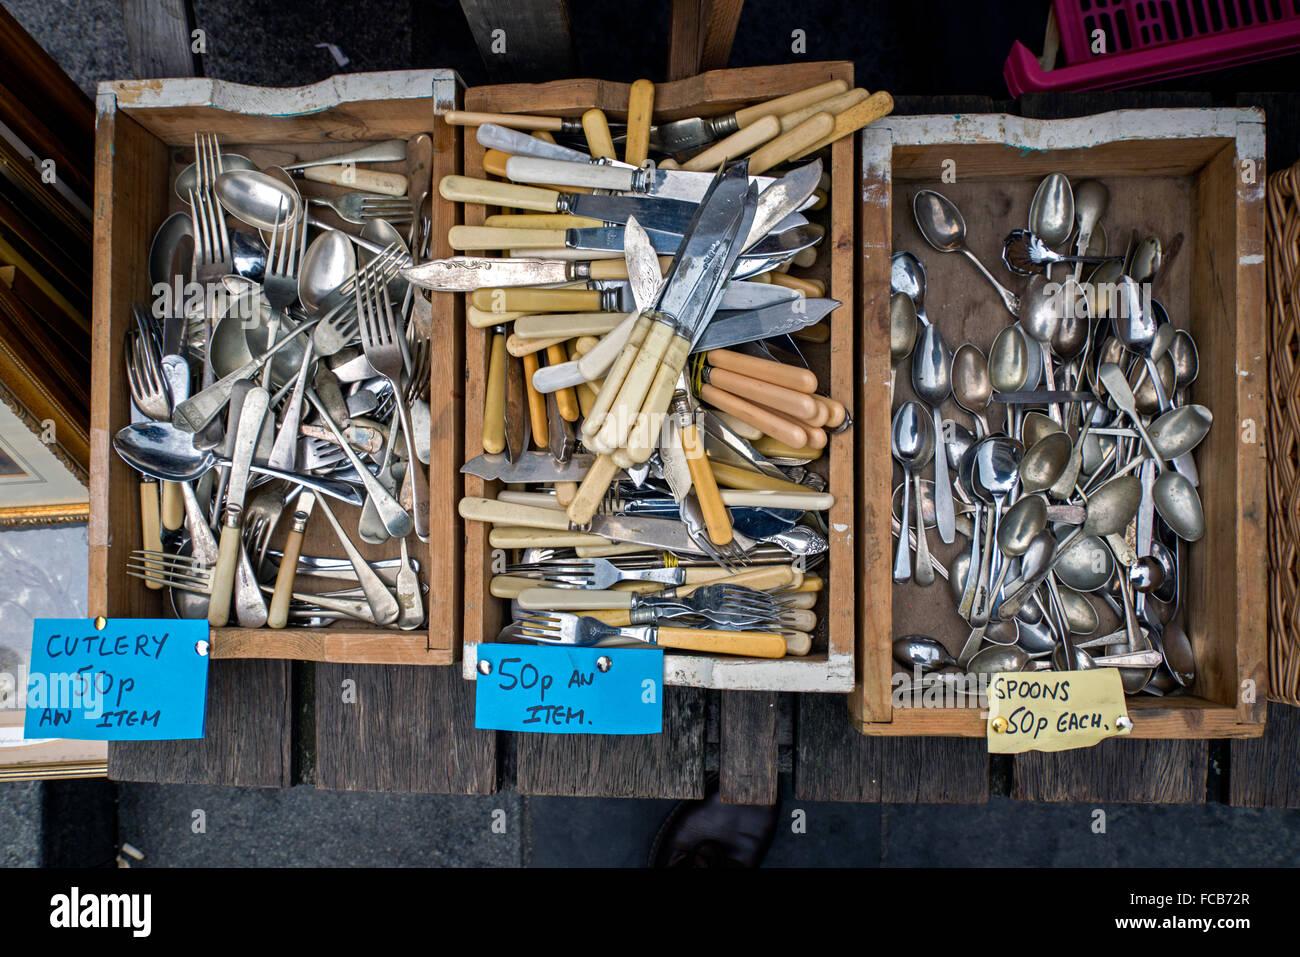 Boxen von billigen, gebrauchten Besteck für den Verkauf auf einem Markt stall in Edinburghs Grassmarket. Stockbild